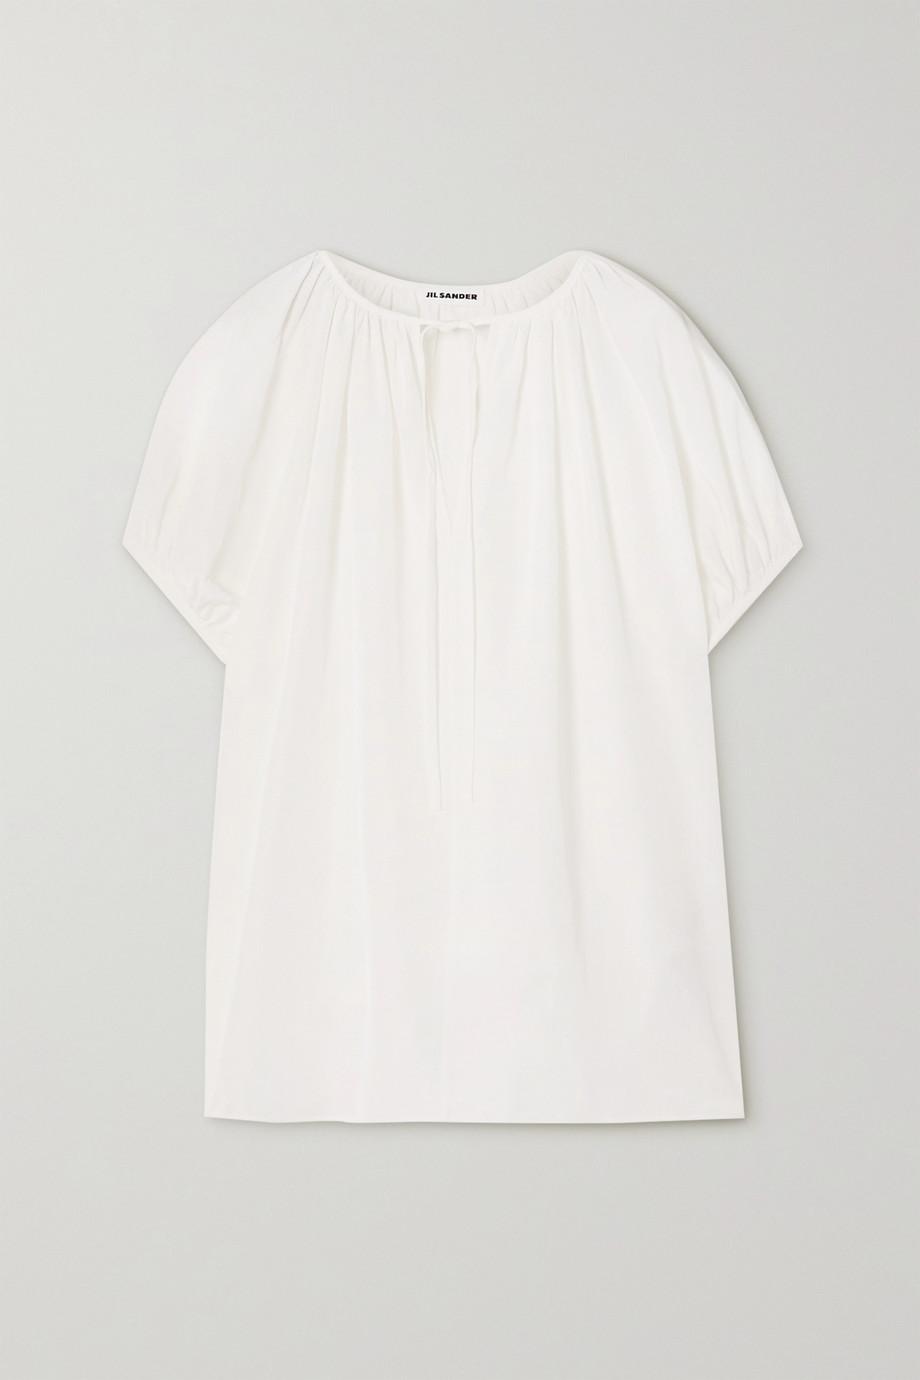 질 샌더 Jil Sander Tie-detailed voile blouse,White